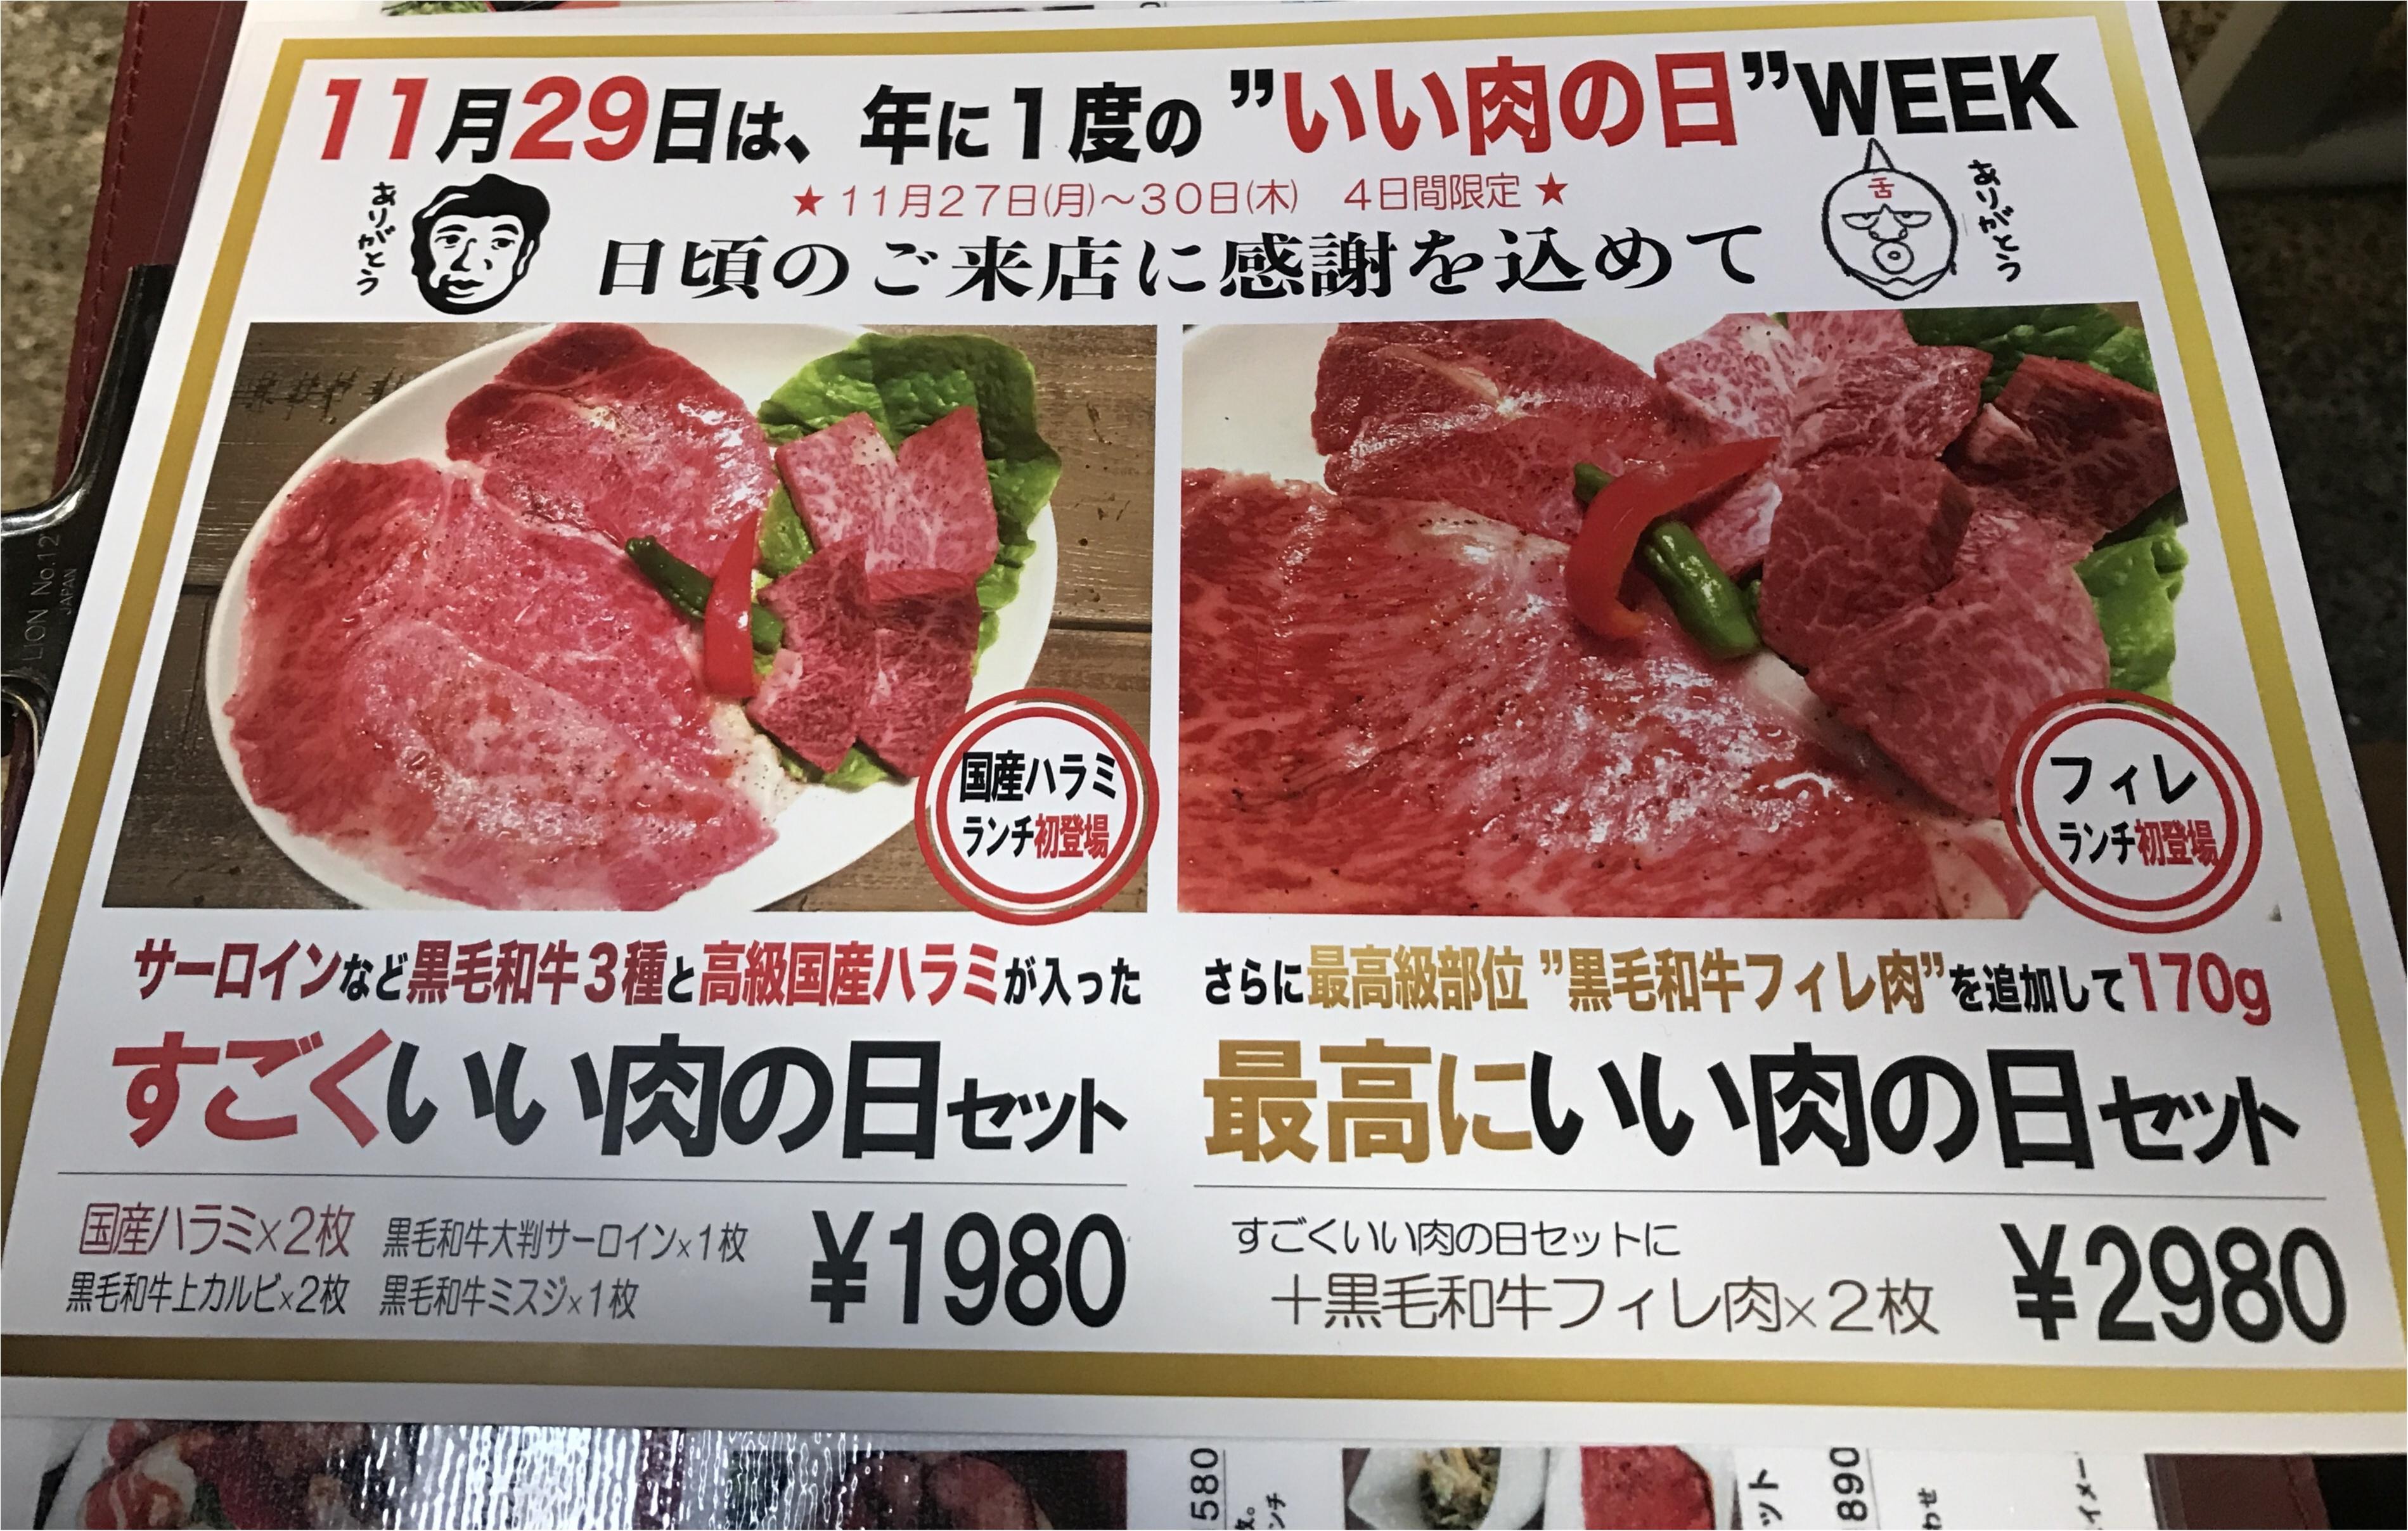 【今日は11月29日】大好きなkintanで絶品焼肉ランチ♡♡【イイニクの日】_1